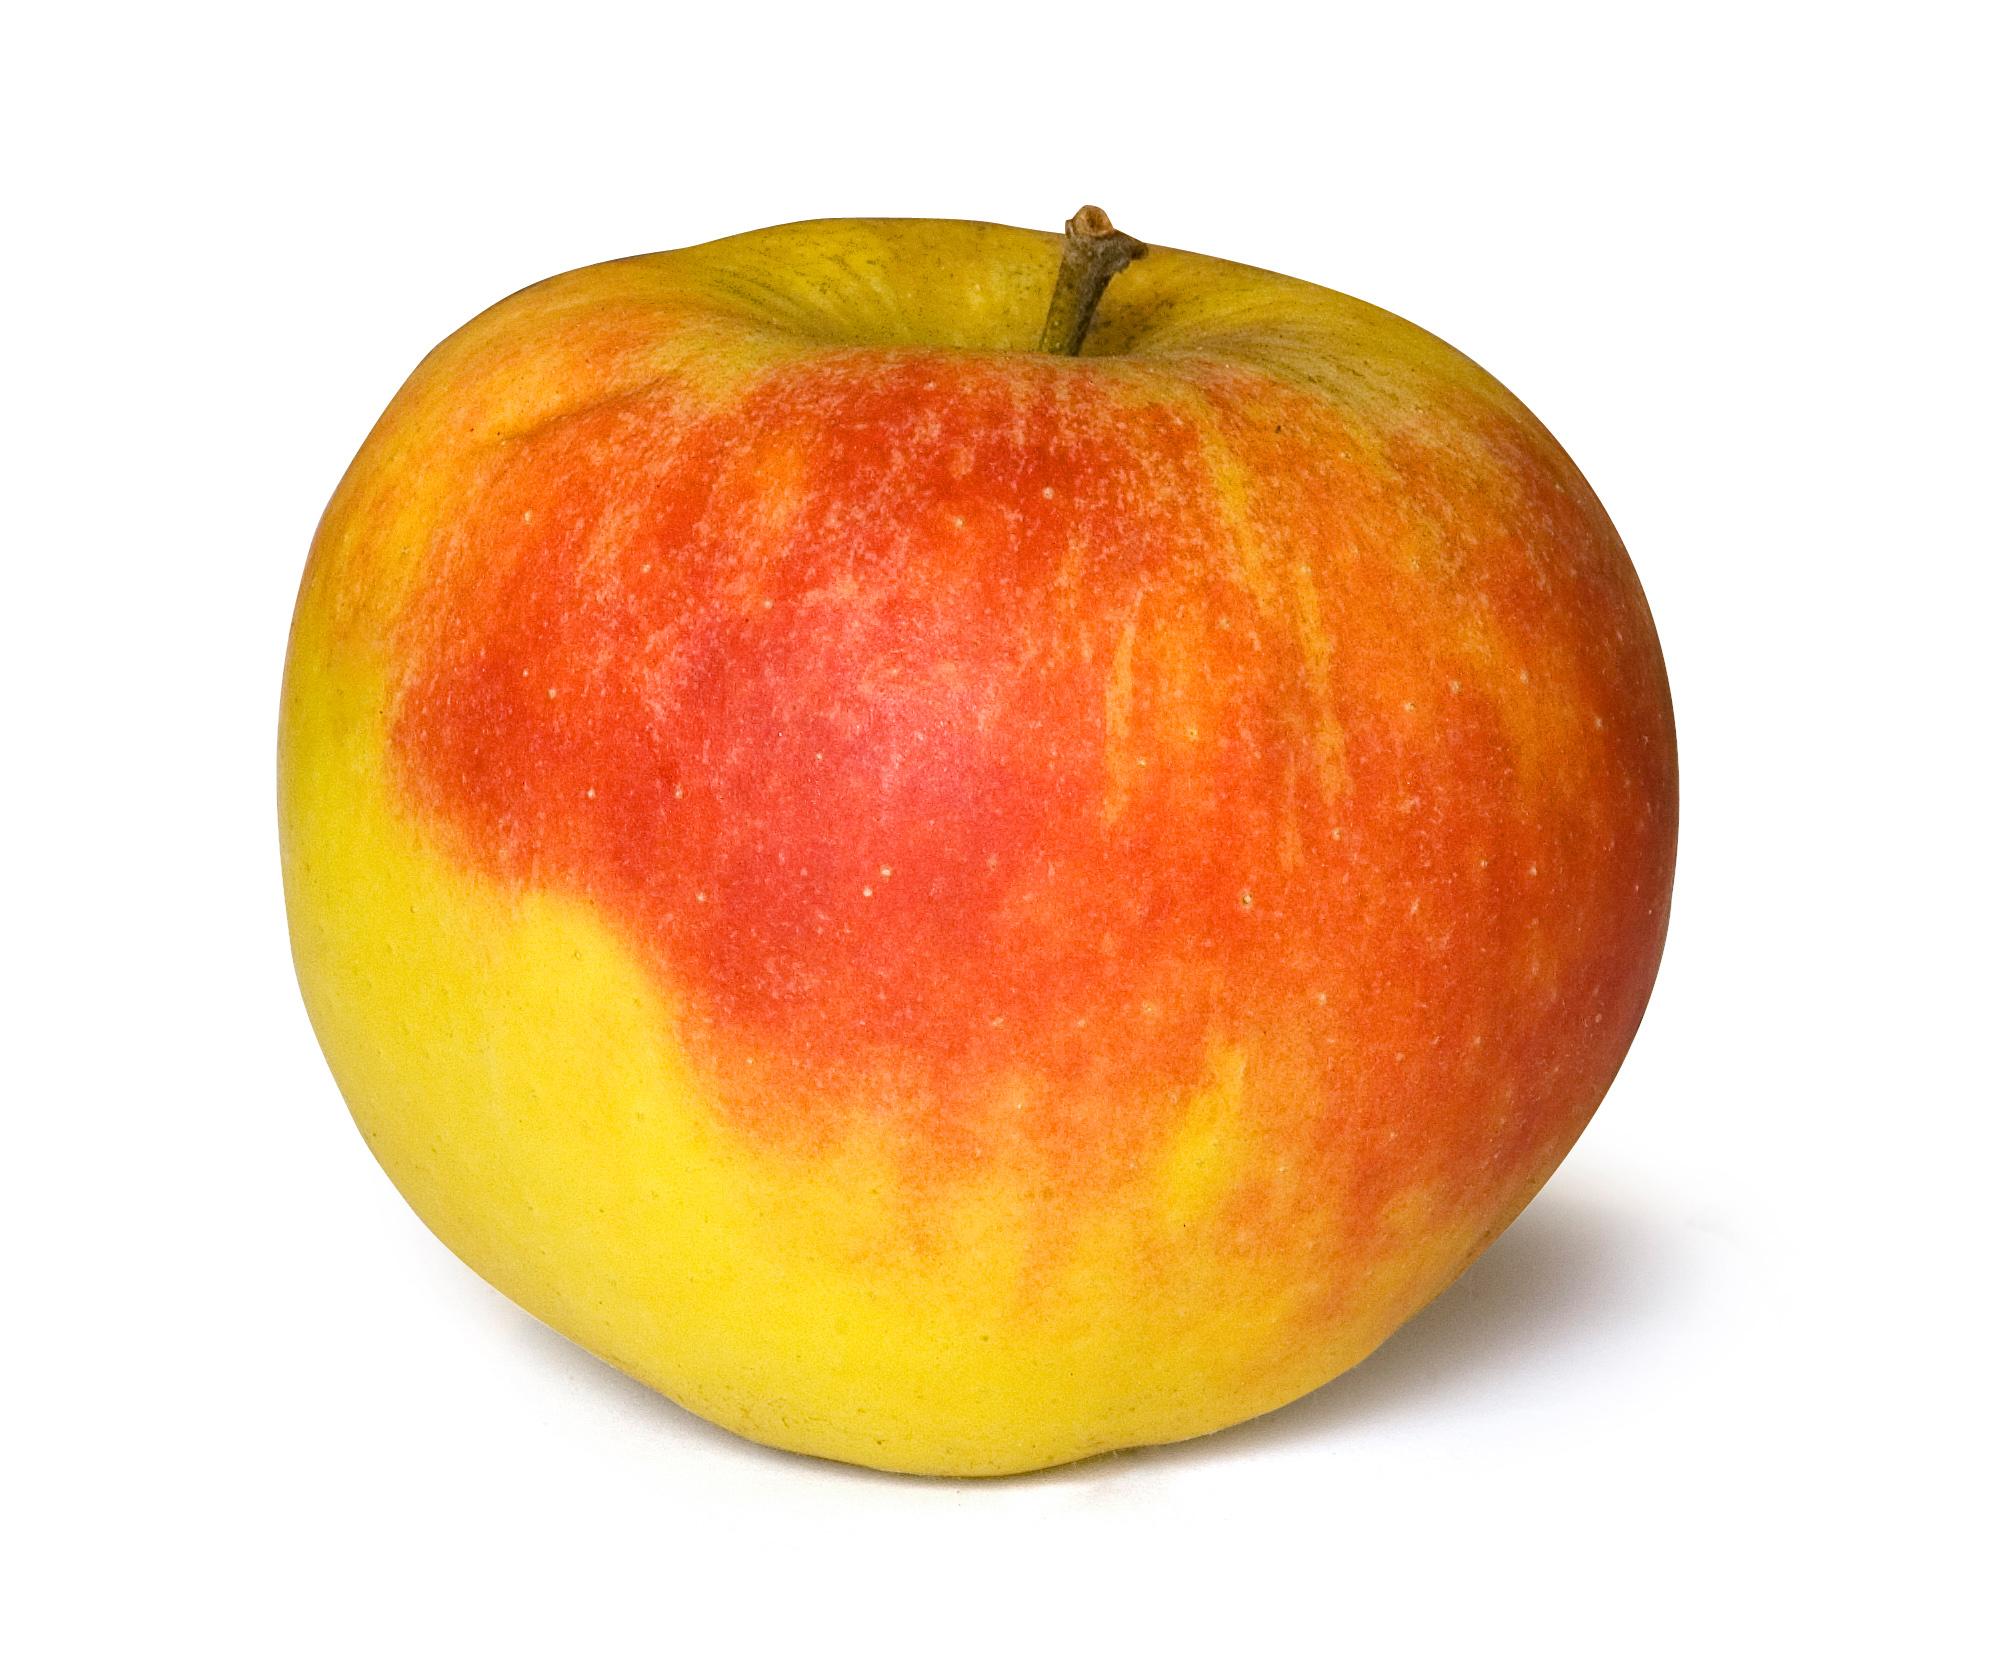 Image Result For Basket Pf Apples